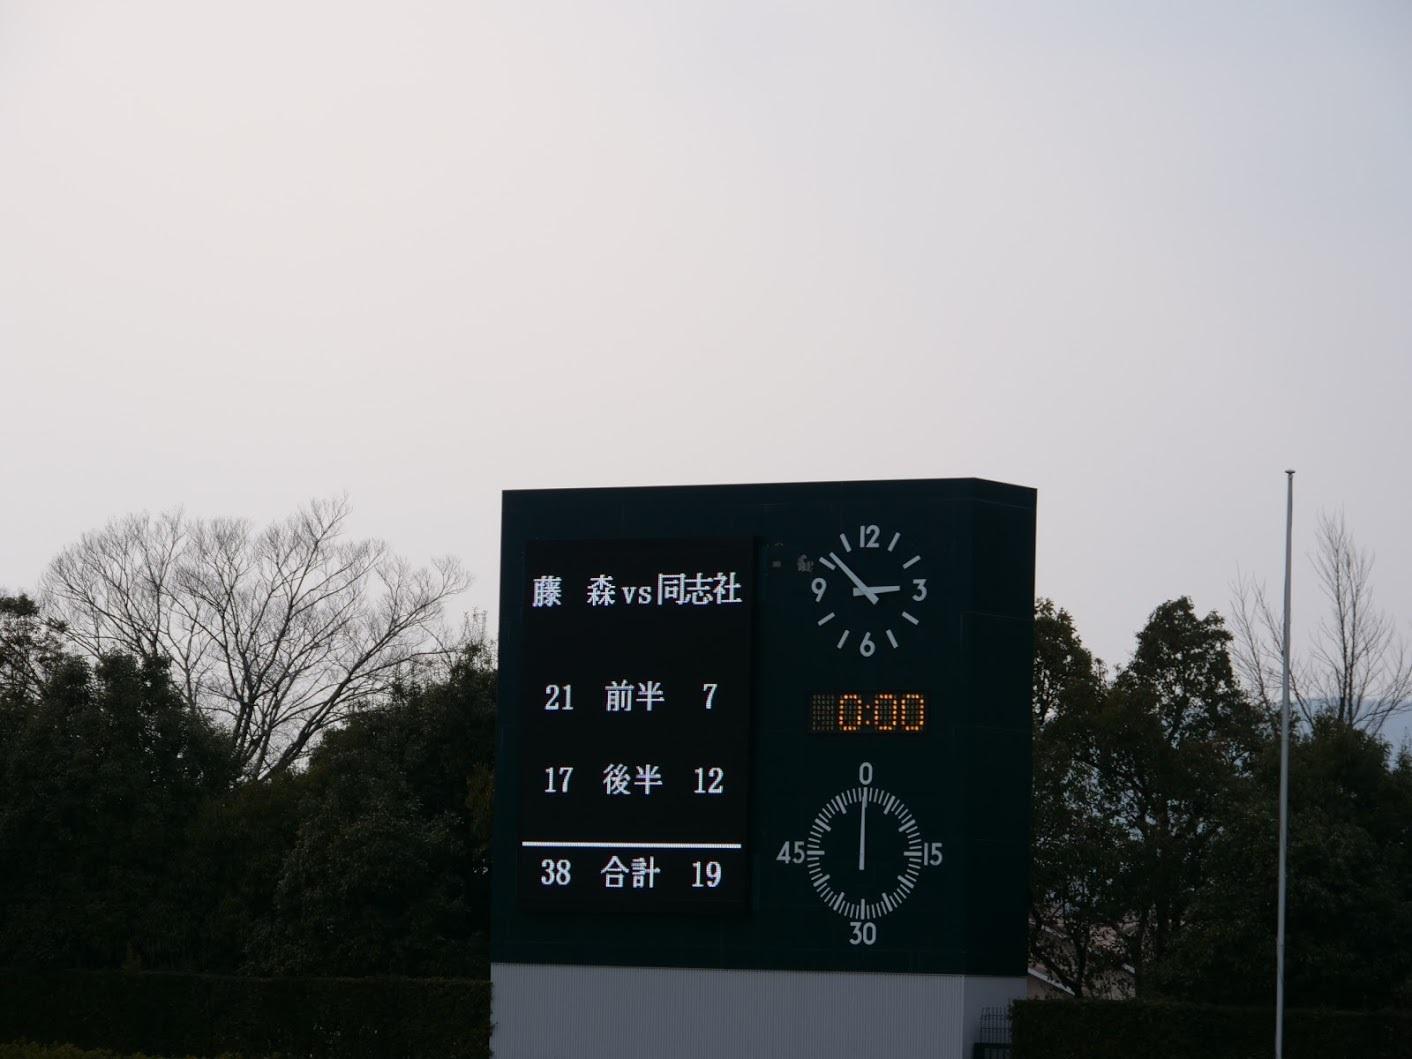 2018年2月24日 新人戦 決勝 VS藤森中 @宝ヶ池競技場